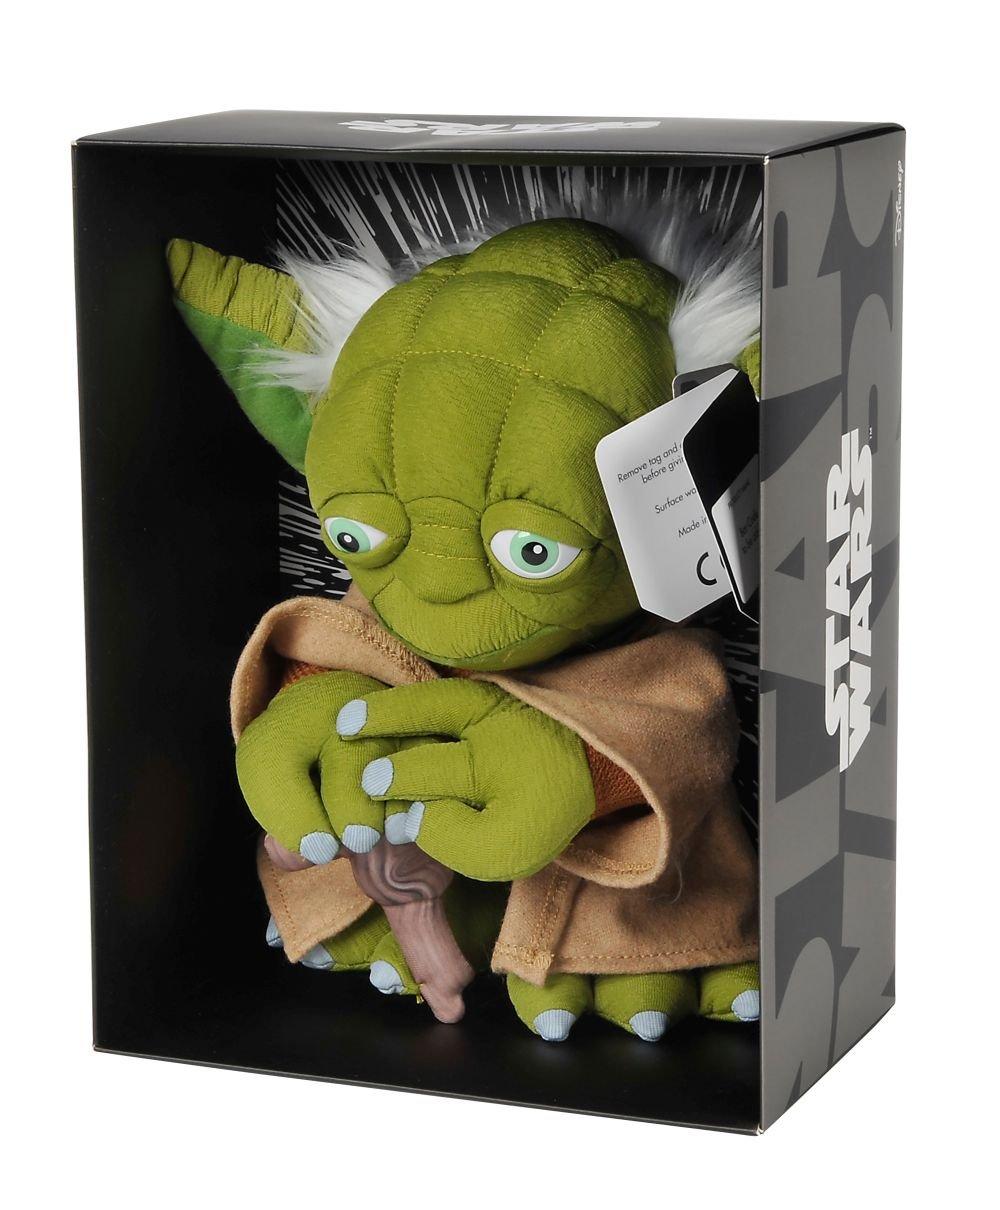 Disney Star Wars Yoda de peluche 25 cm, 5874943: Amazon.es: Juguetes y juegos